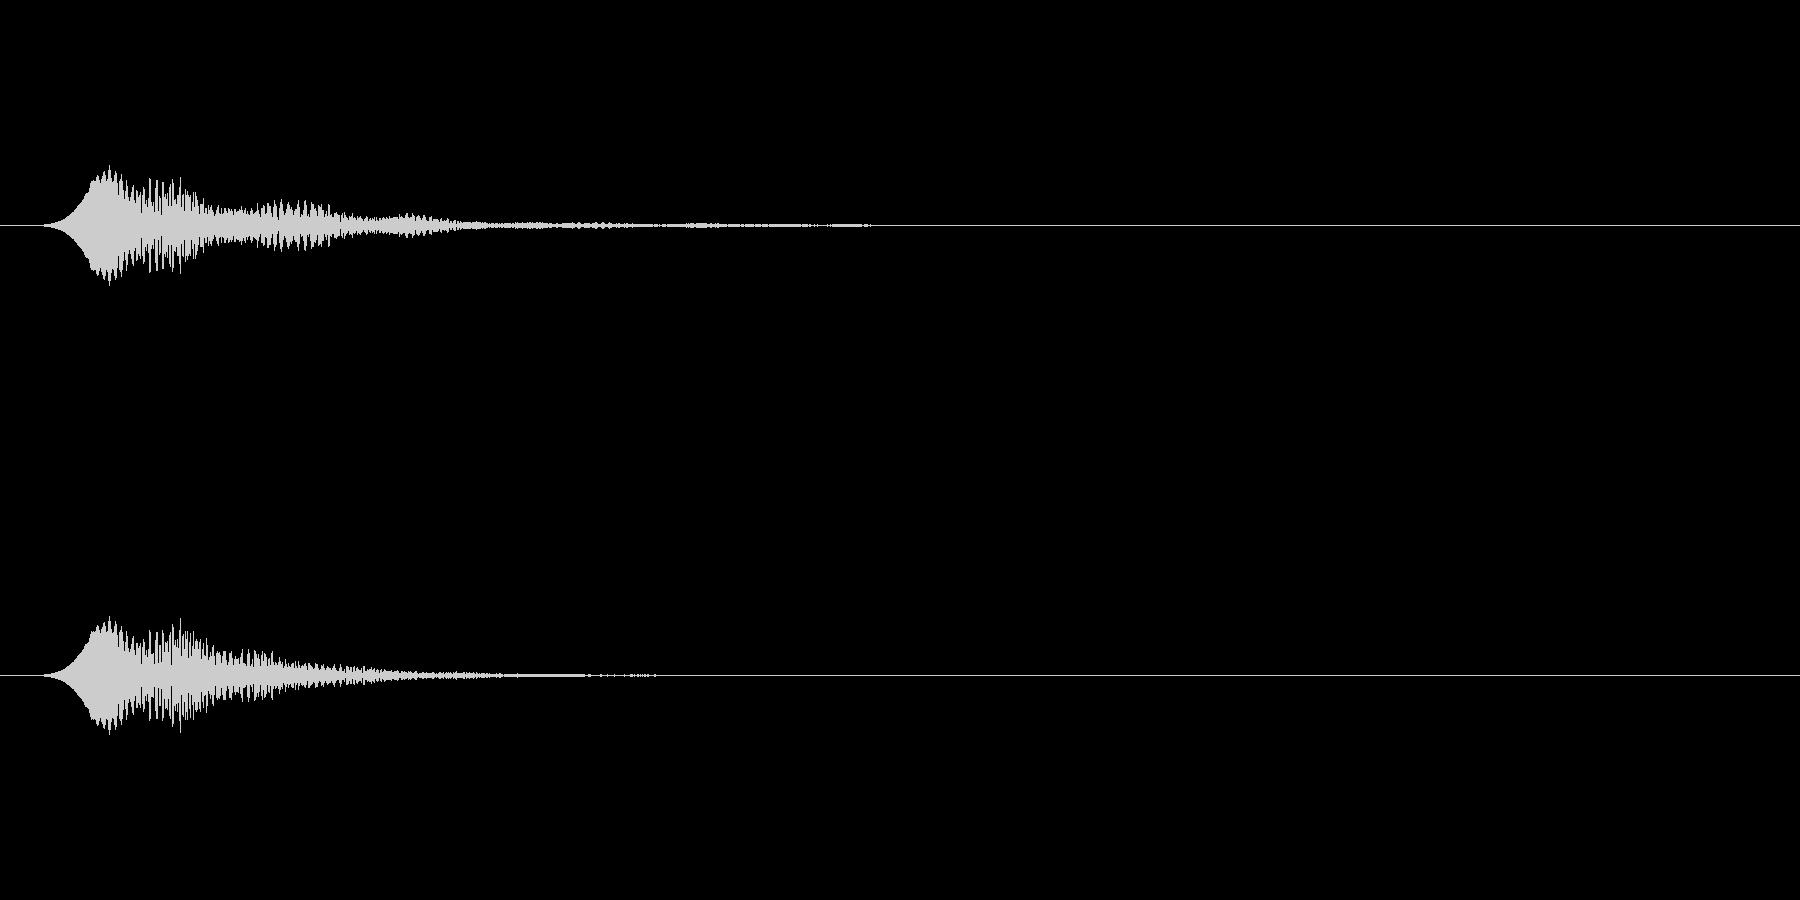 アイテムゲットやスタート音に使えるSEの未再生の波形